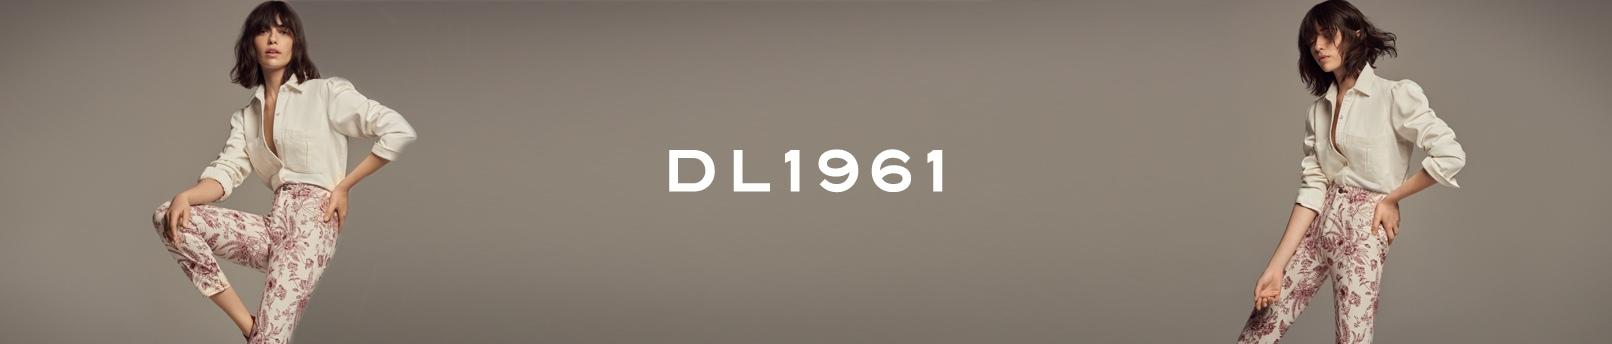 DL1961 shoppen